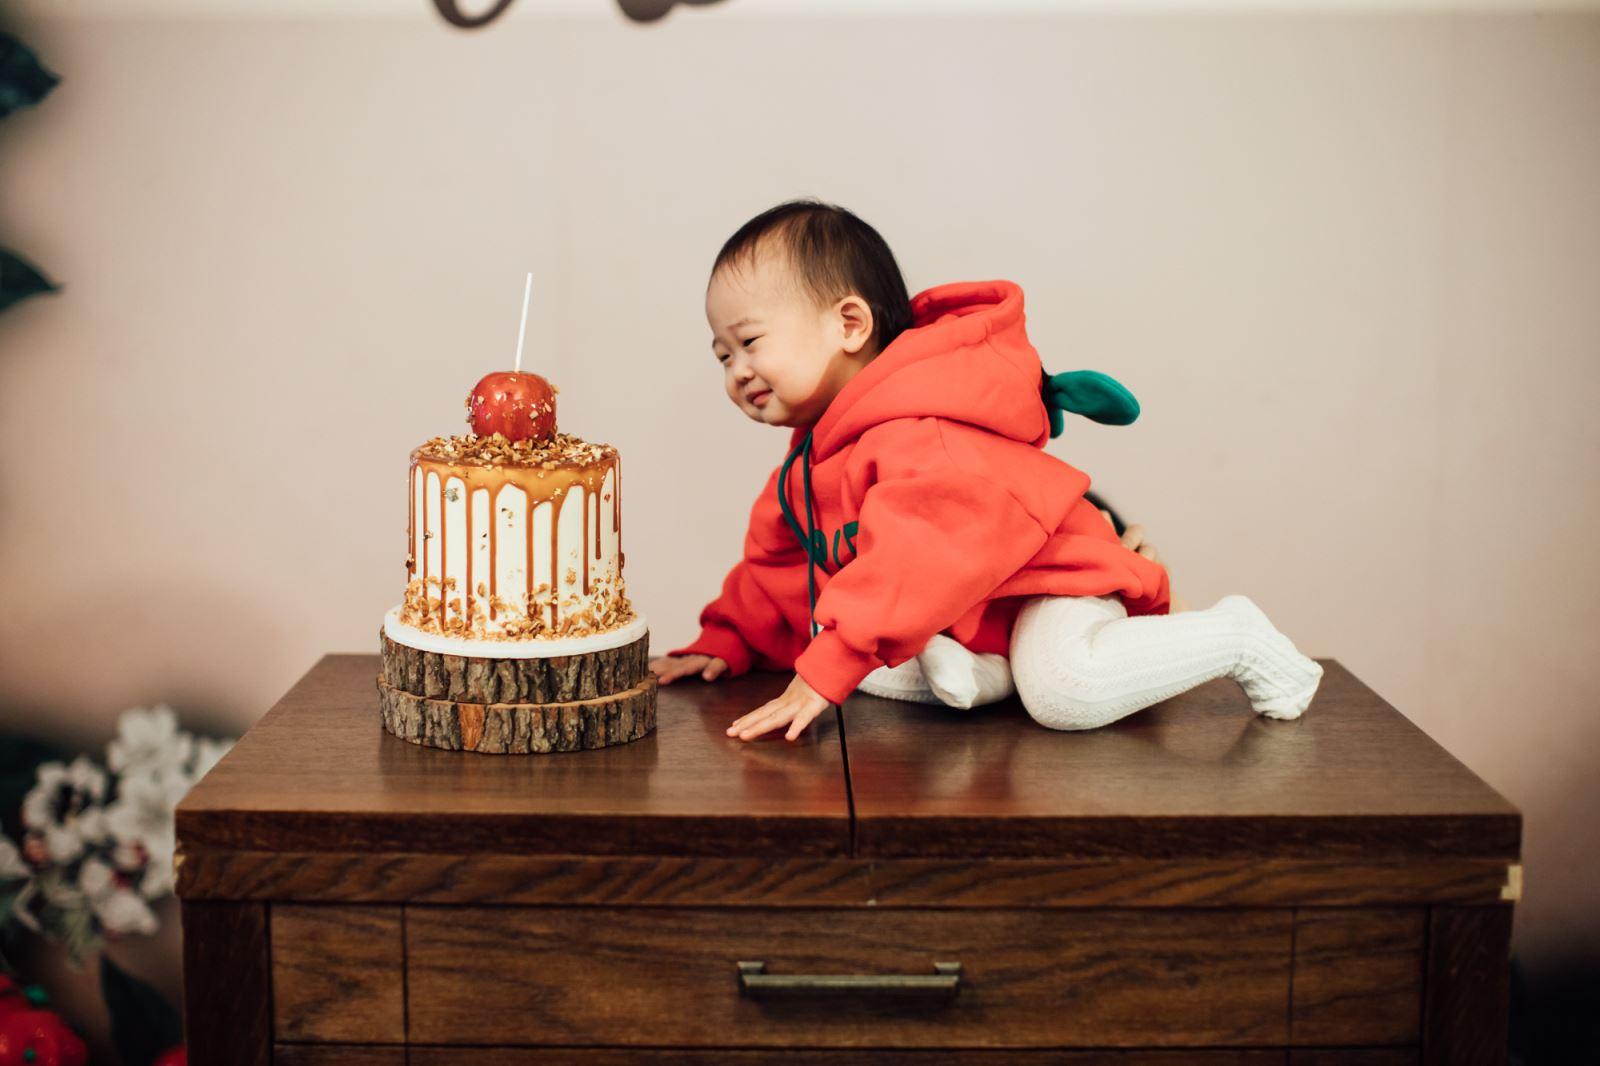 寶寶偷吃蘋果蛋糕